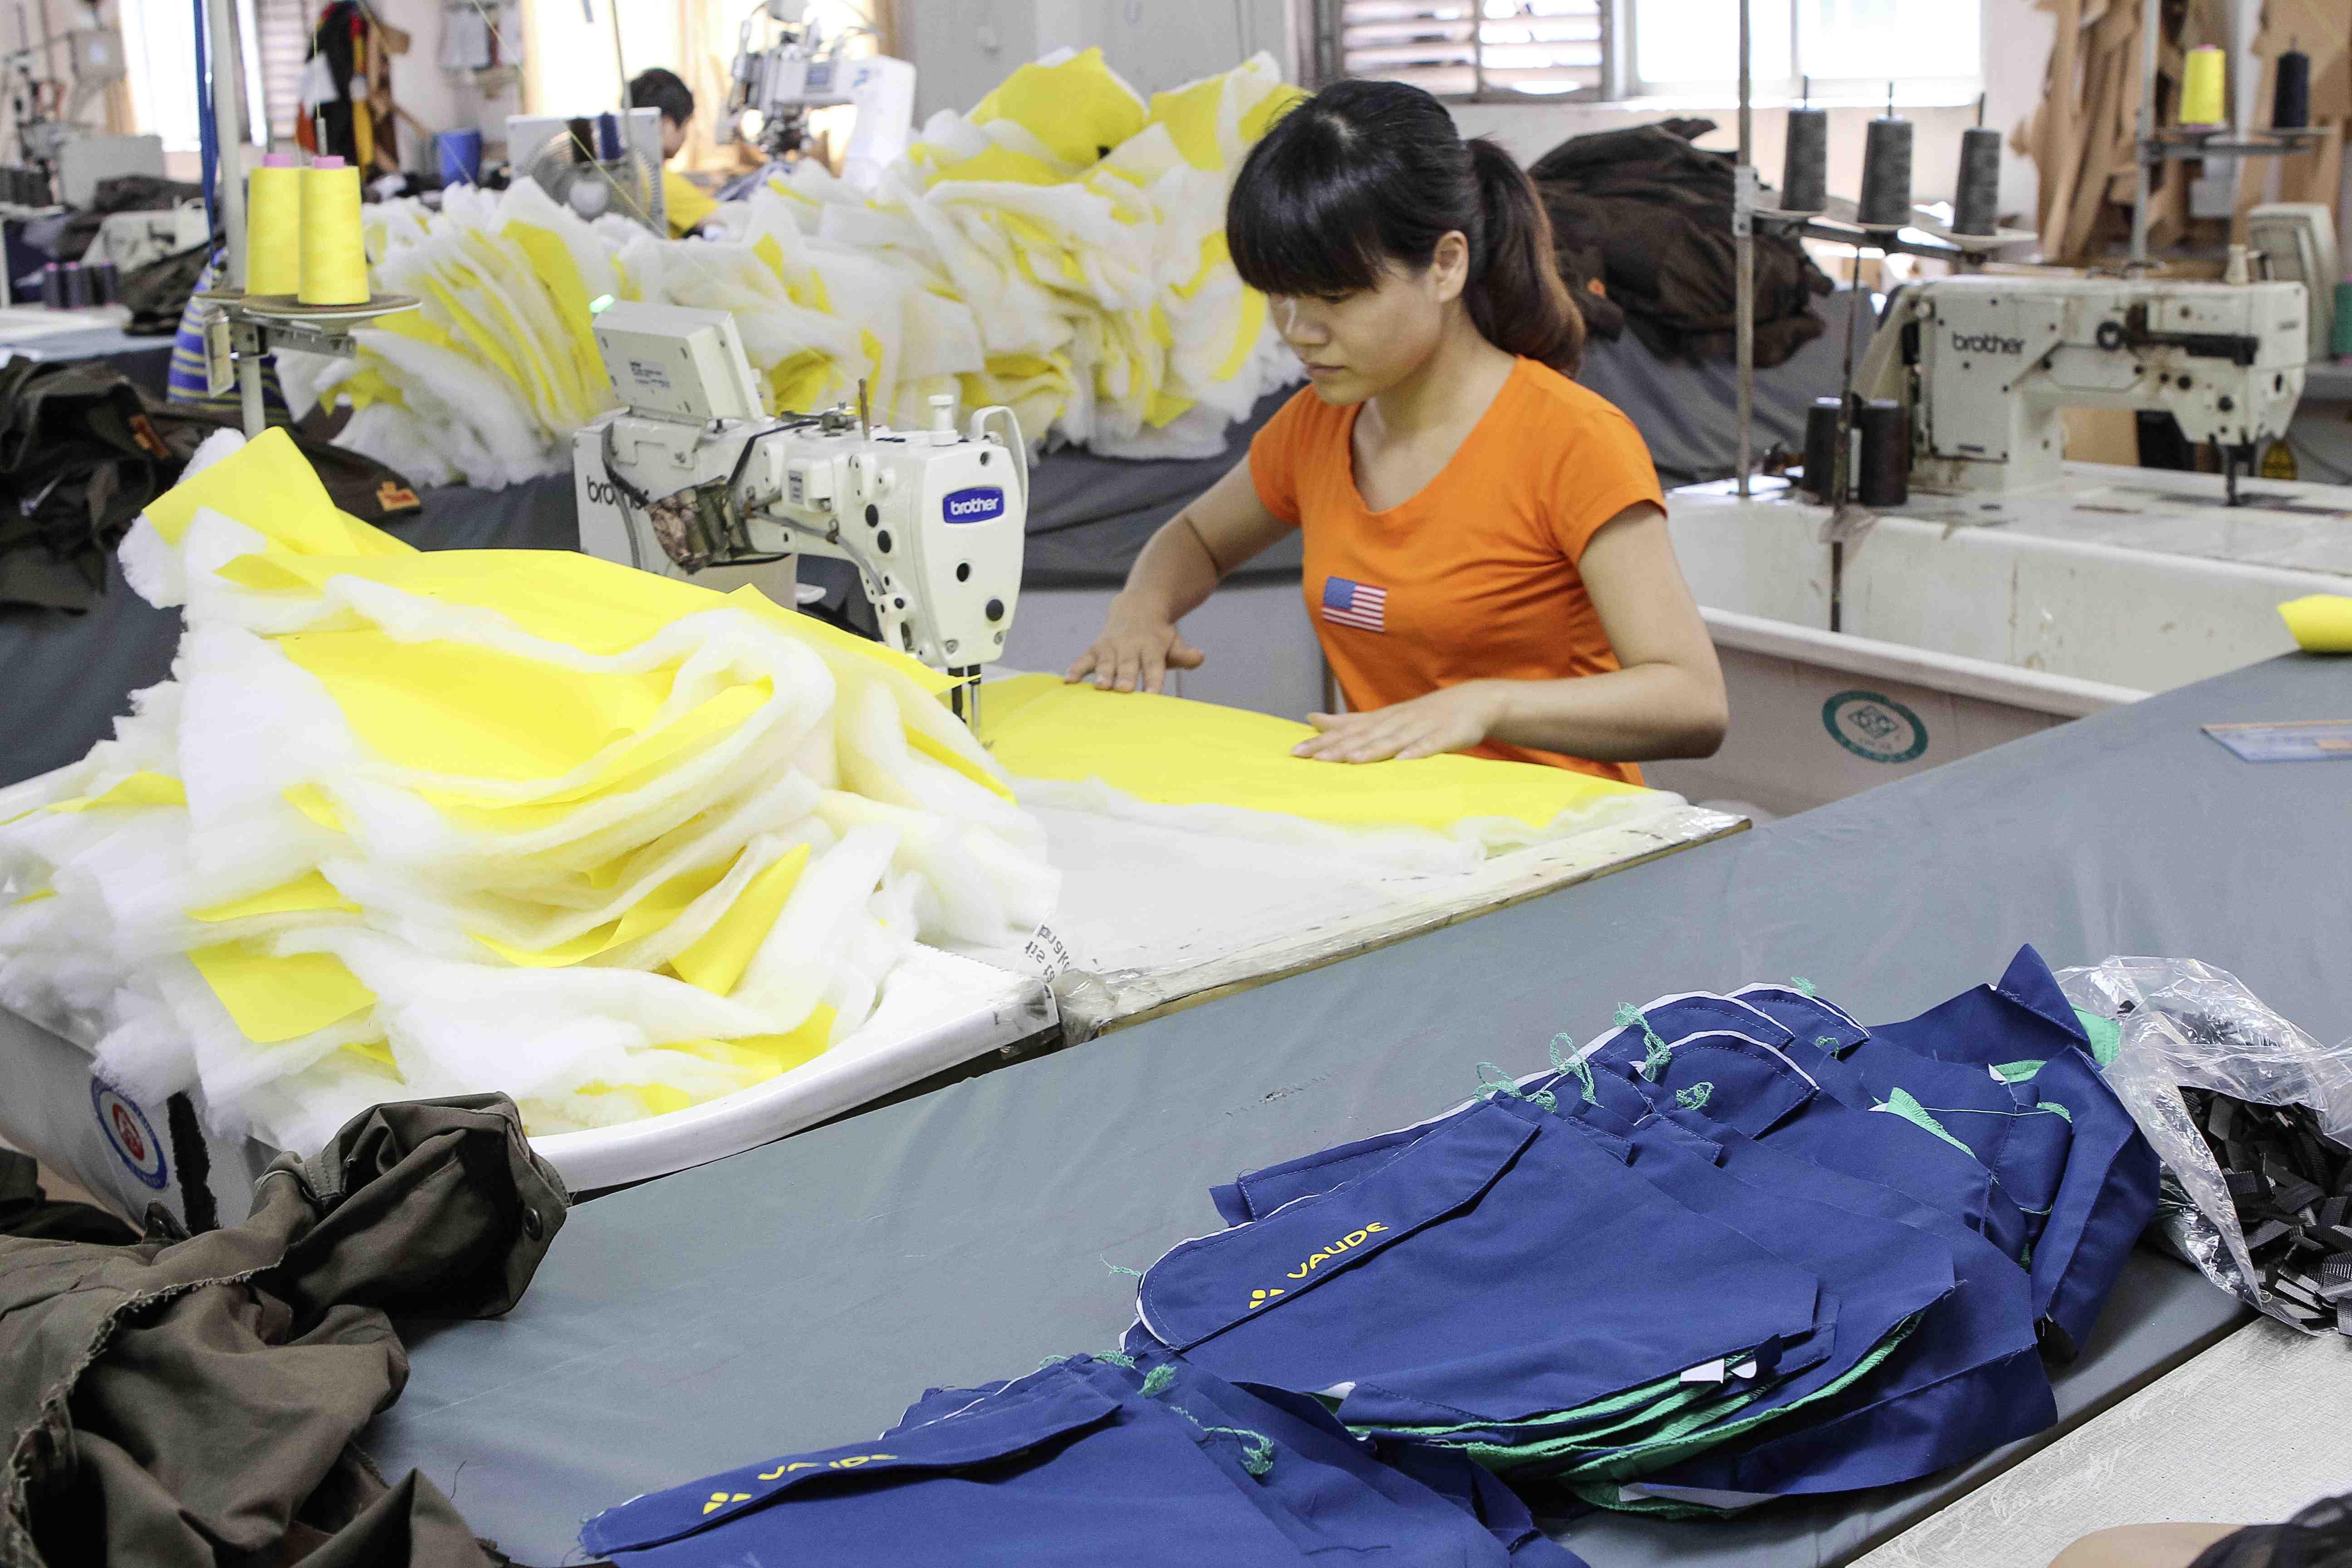 Alles in Ordnung bei der Produktion von Outdoor Kleidung? Wenn es nach dem Film von VAUDE geht, dann schon.  Foto: (c) VAUDE